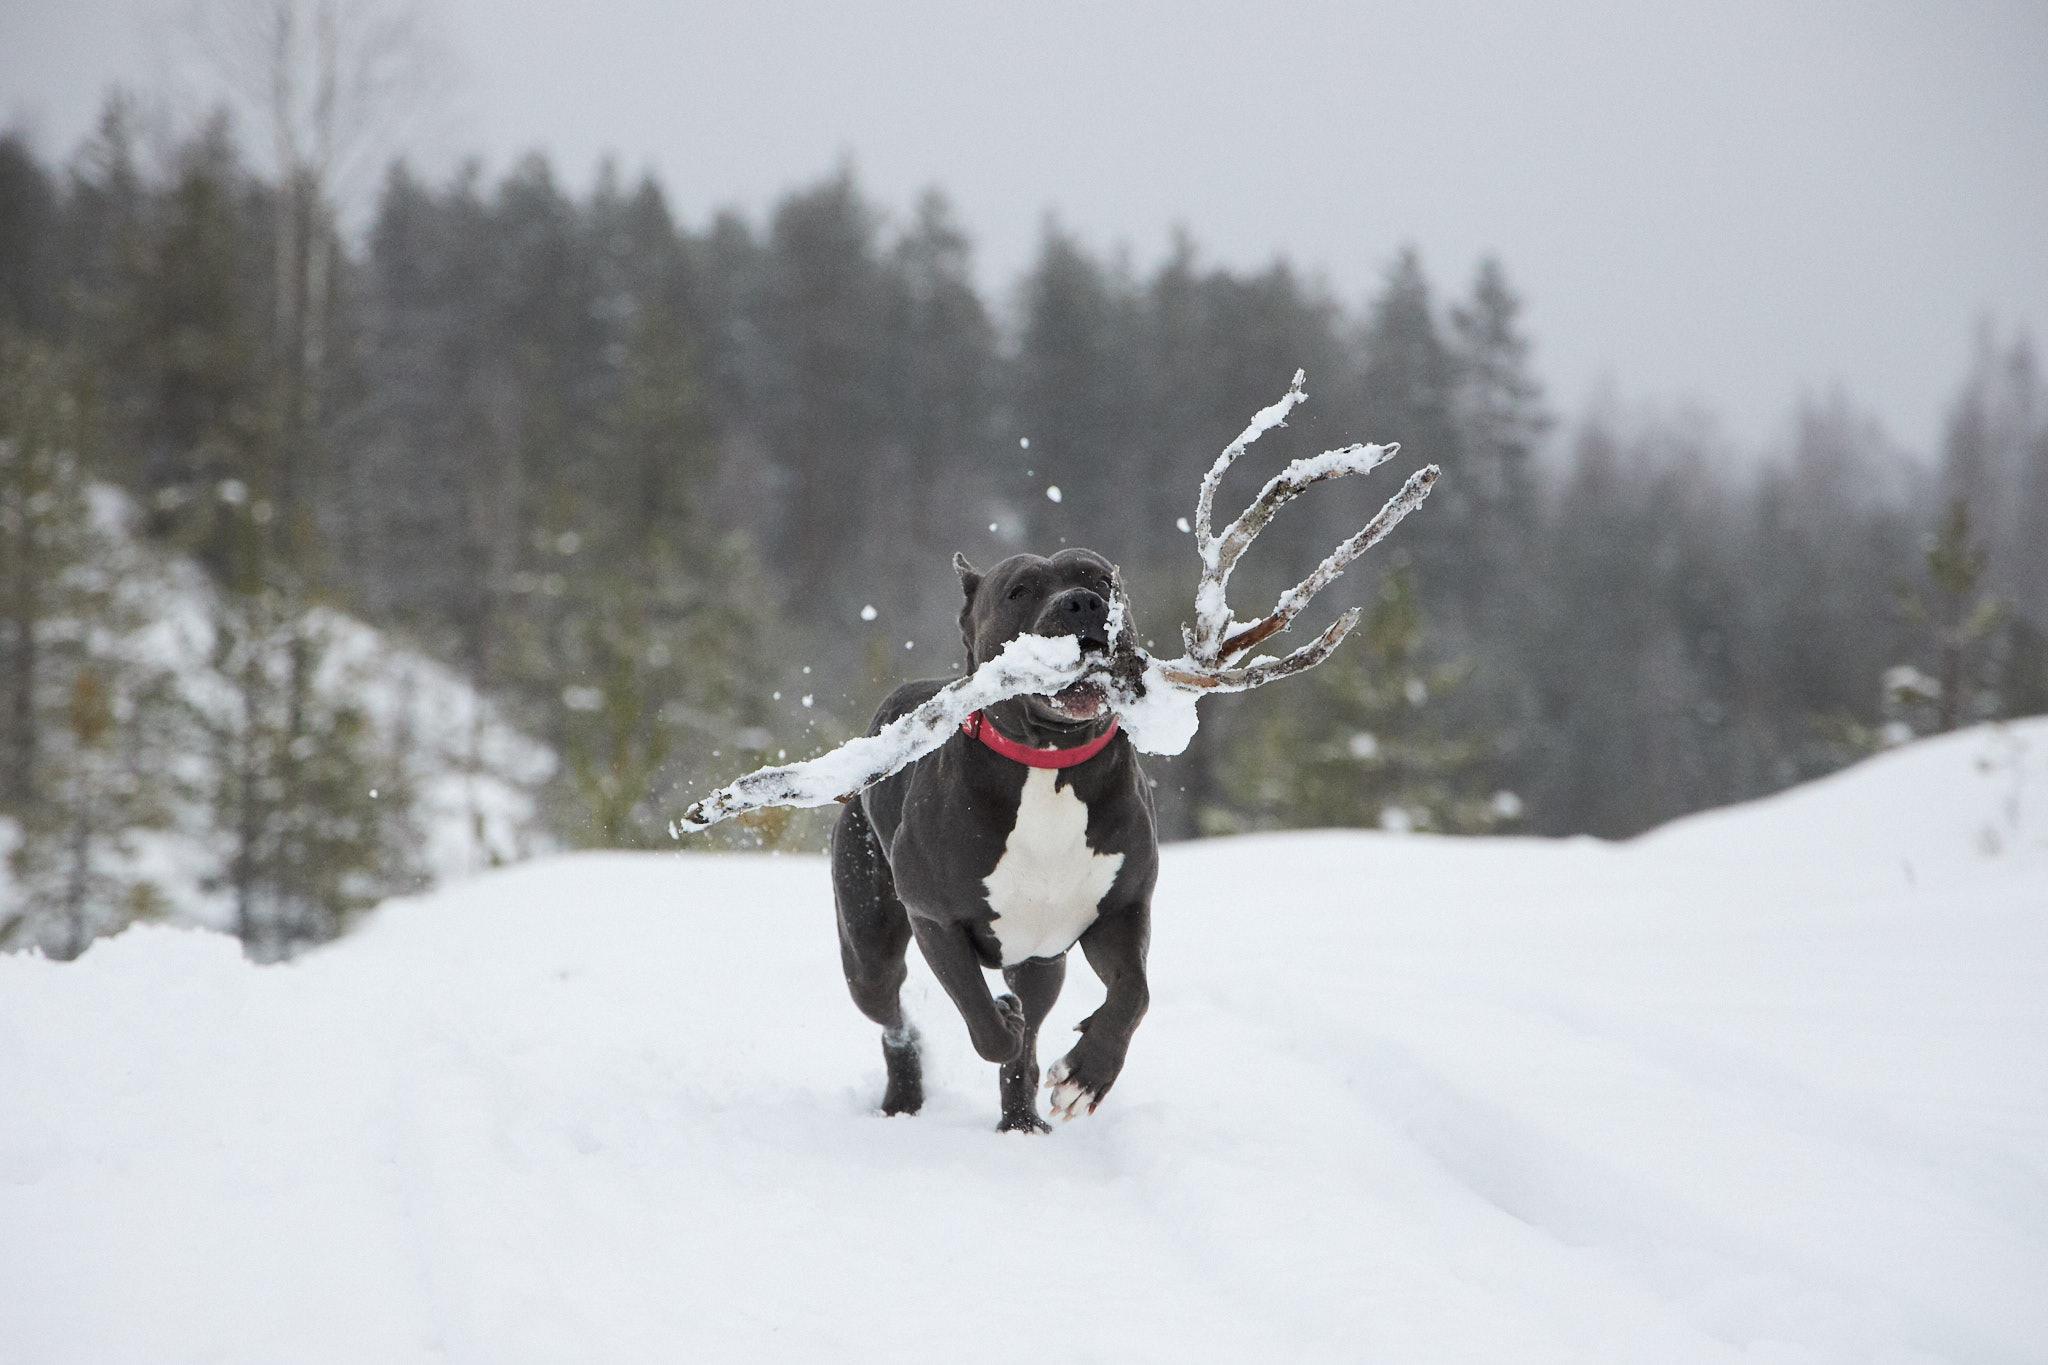 Koira juoksee lumessa iso karahka suussa.